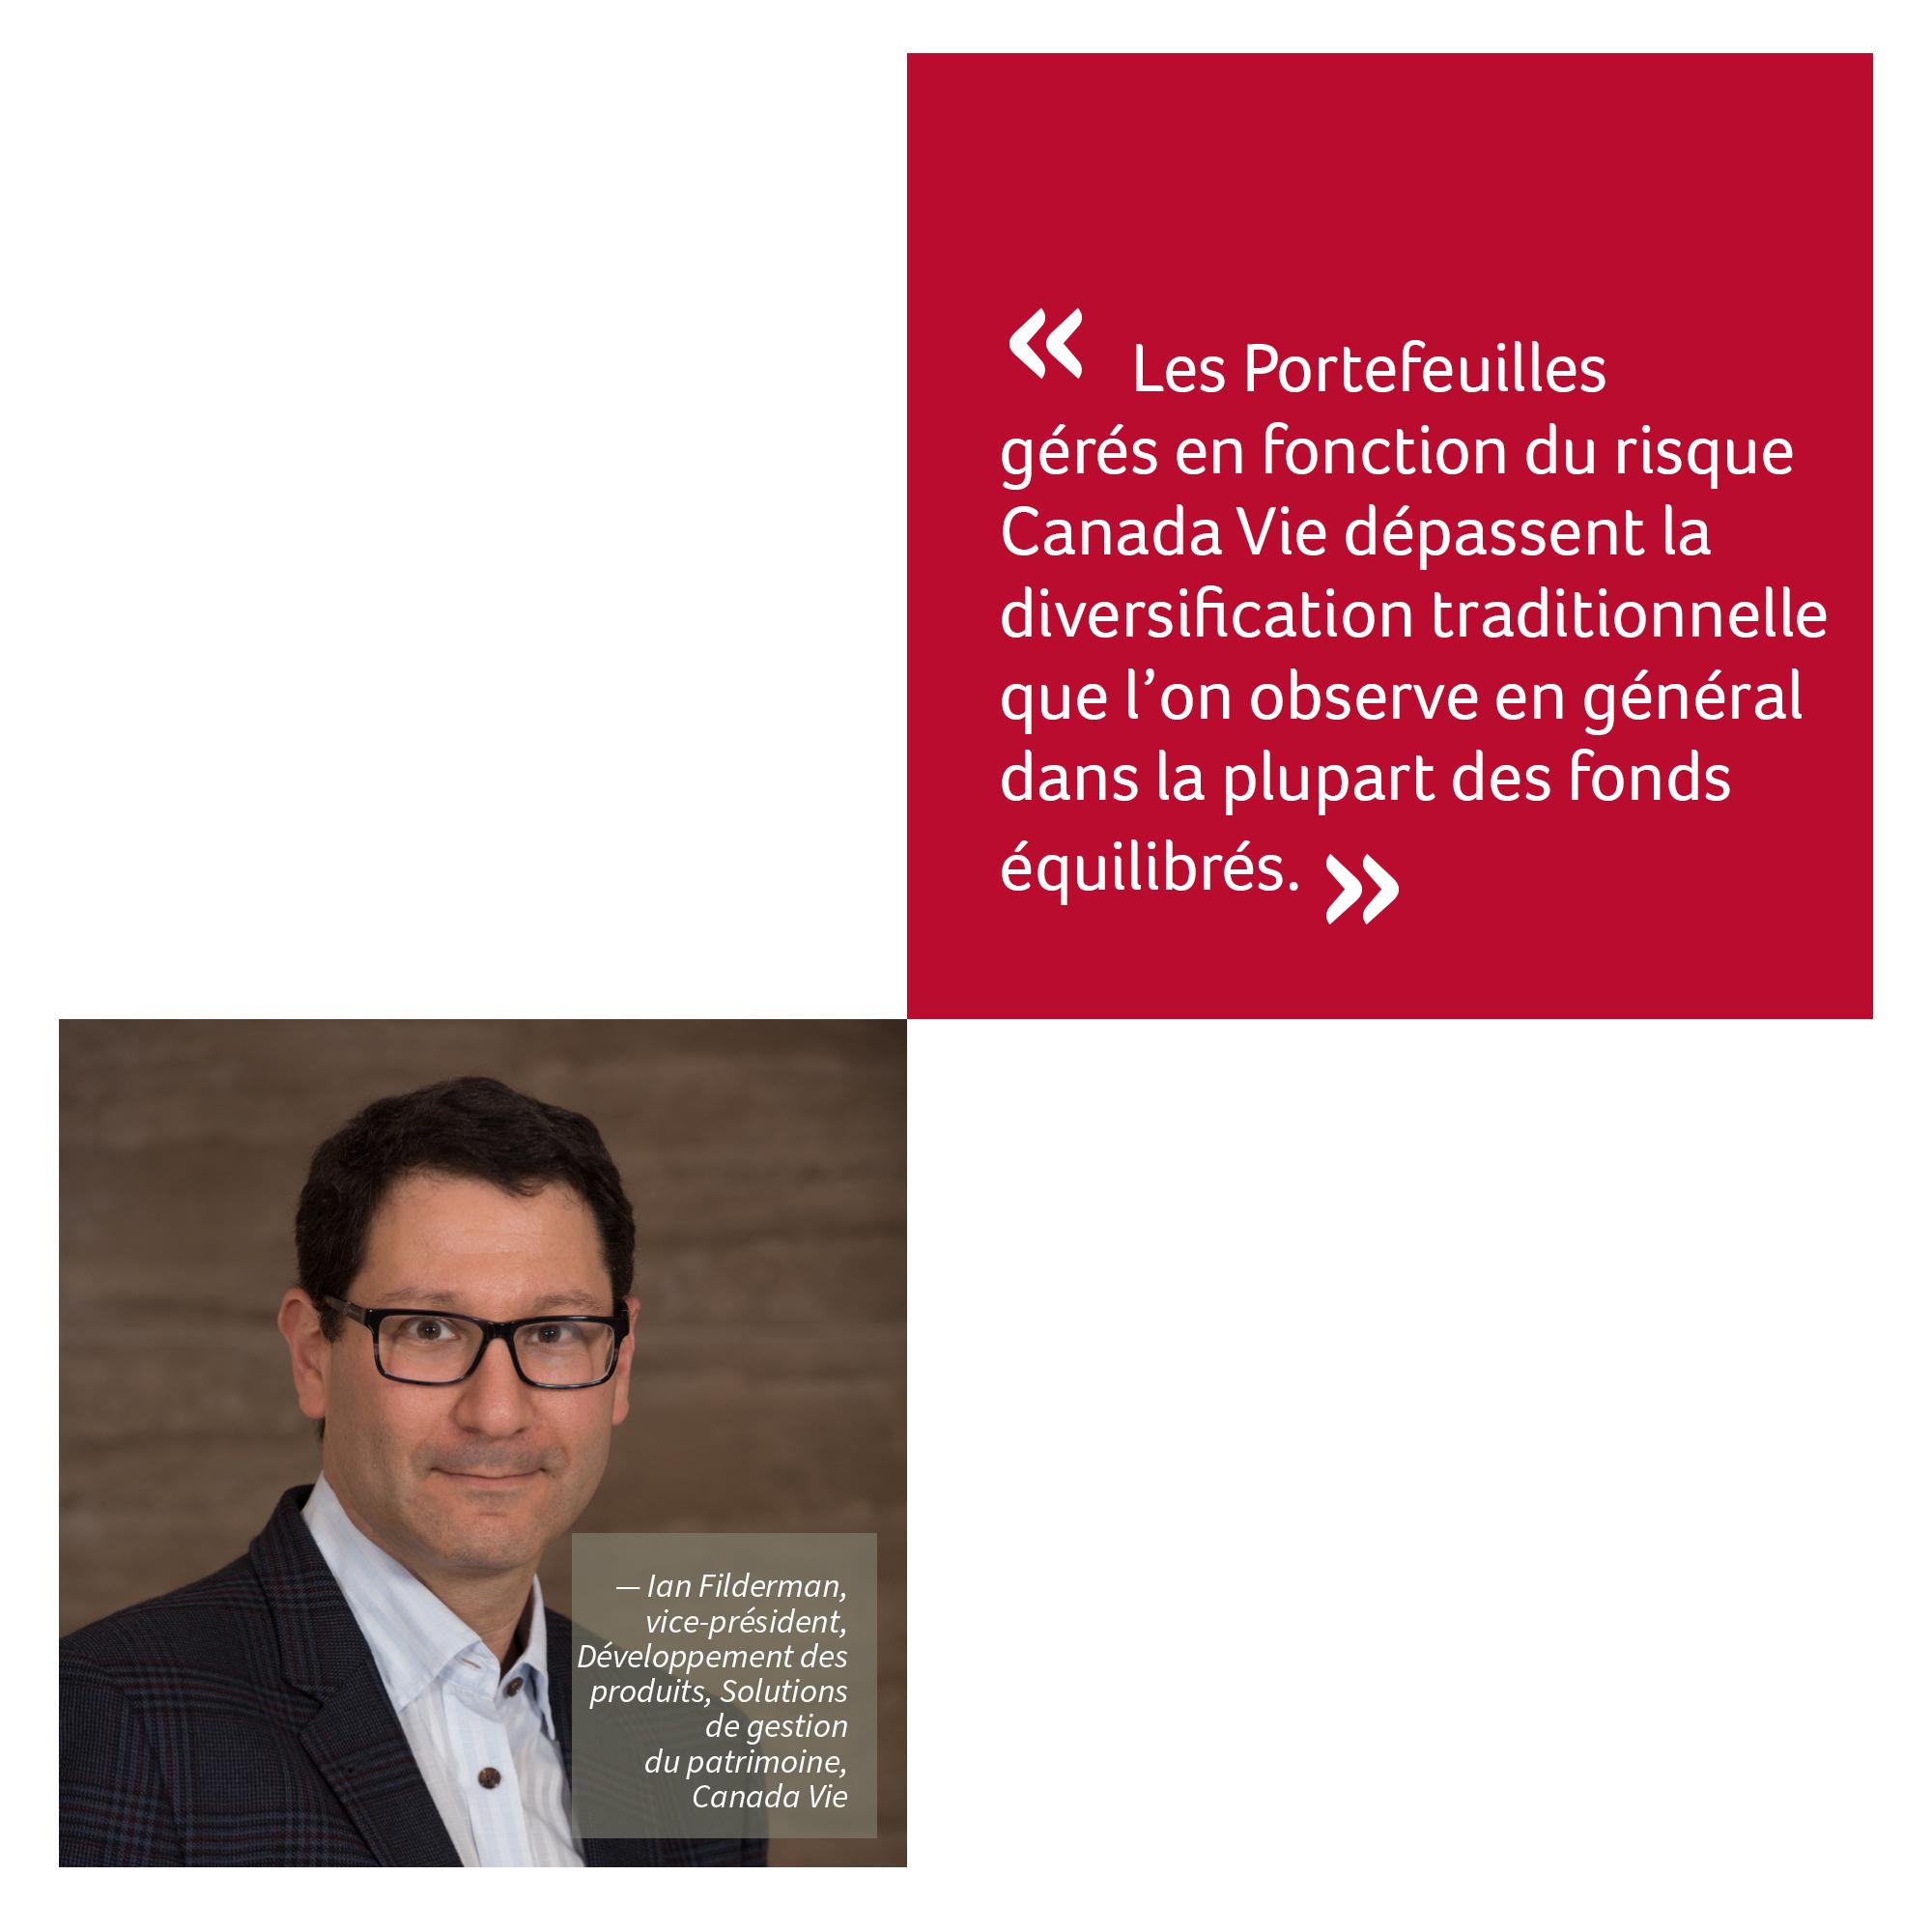 « Les Portefeuilles gérés en fonction du risque Canada Vie dépassent la diversification traditionnelle que l'on observe en général dans la plupart des fonds équilibrés. »  — Ian Filderman, vice-président, Développement des Produits, Solutions de gestion du patrimoine, Canada Vie